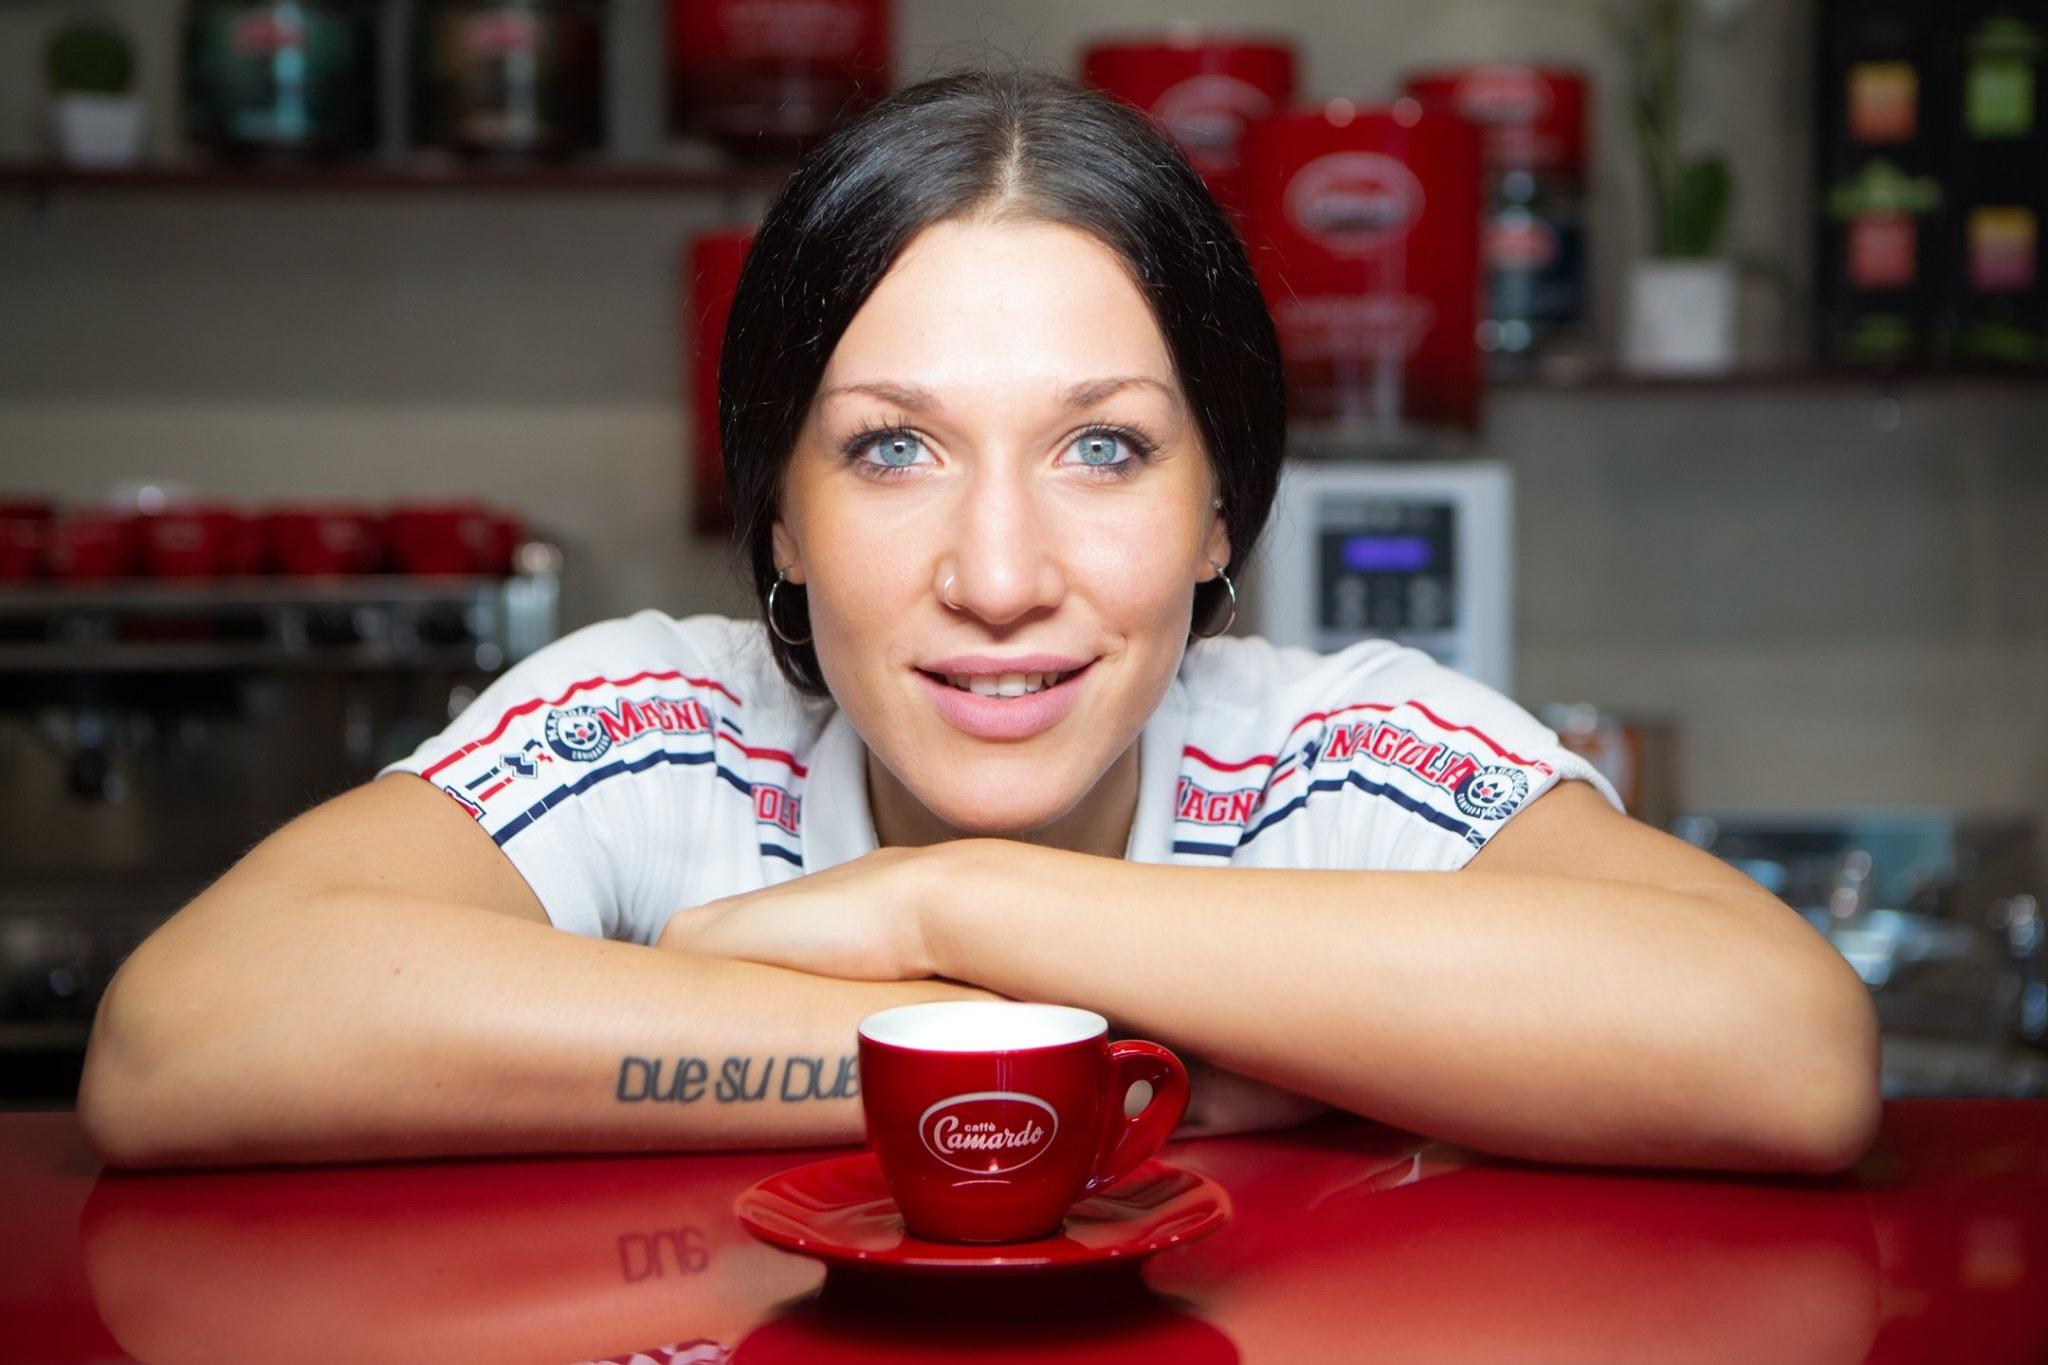 Elisa Mancinelli